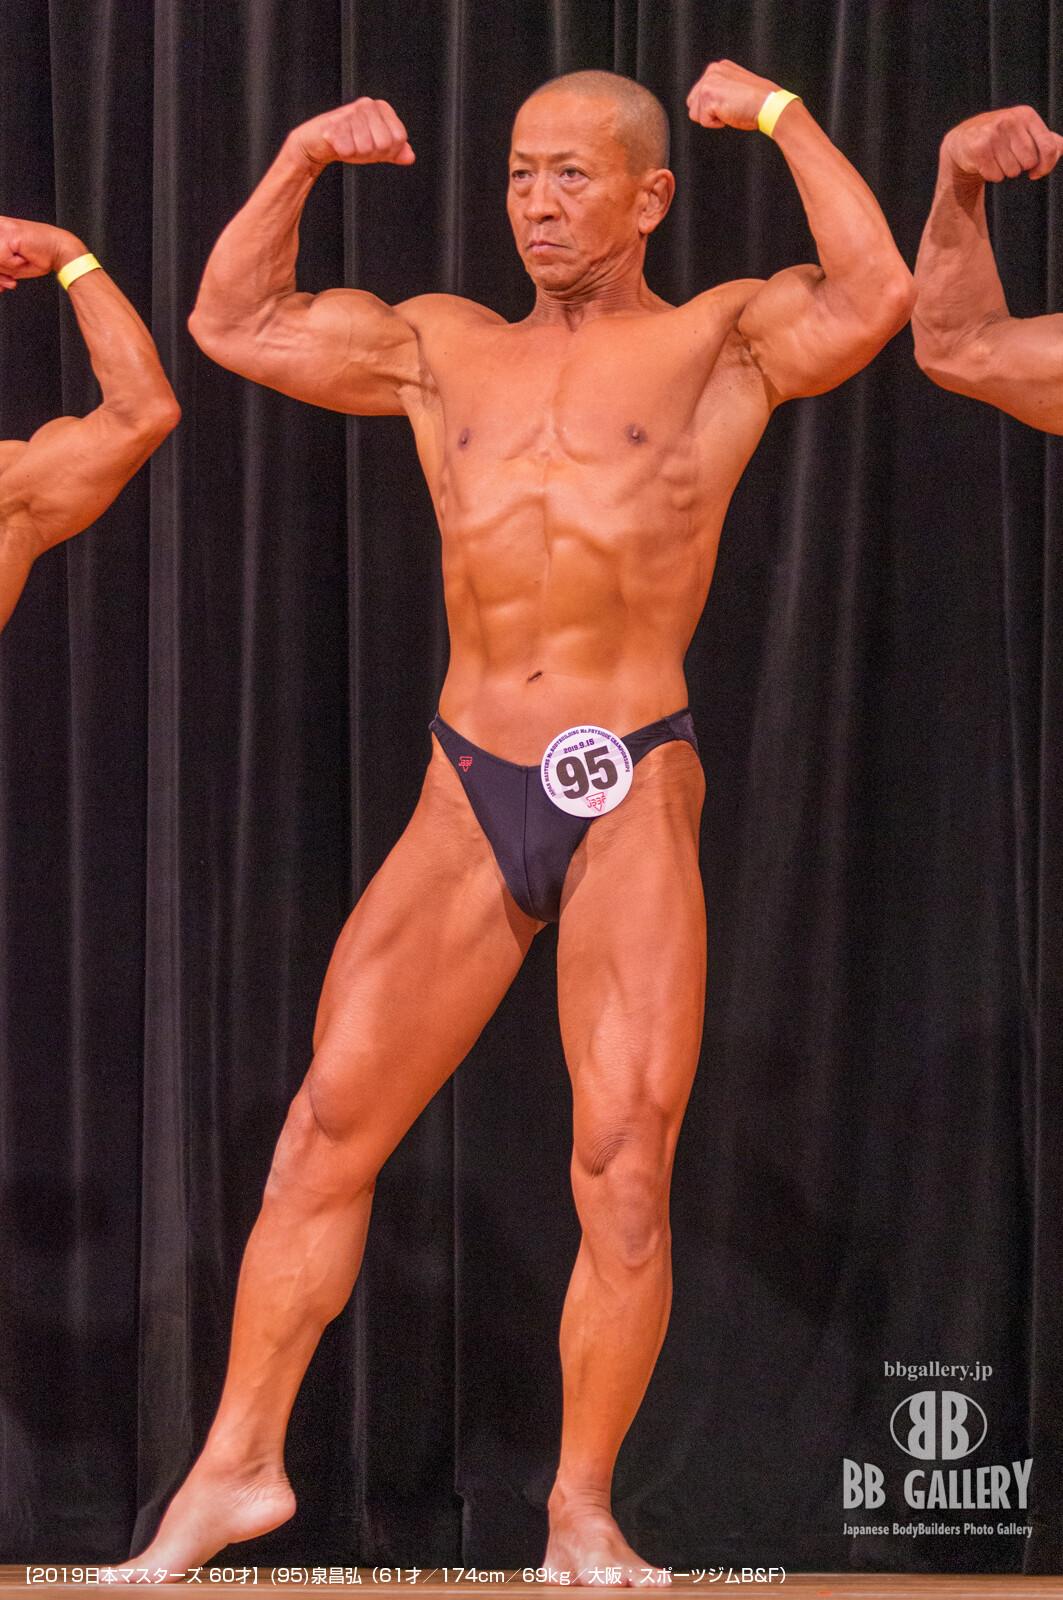 【2019日本マスターズ 60才】(95)泉昌弘(61才/174cm/69kg/大阪:スポーツジムB&F)